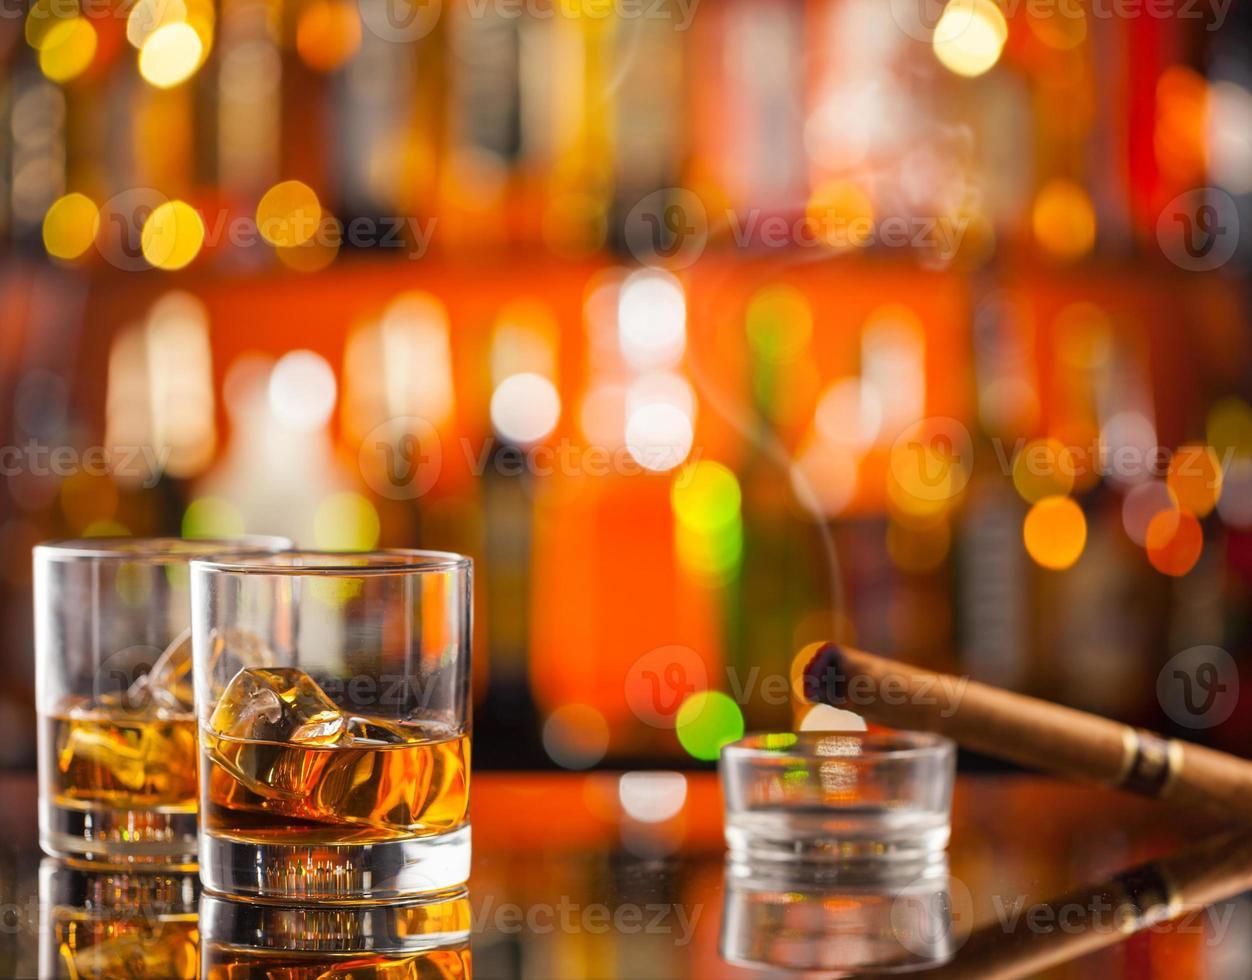 bebidas de uísque no balcão do bar foto